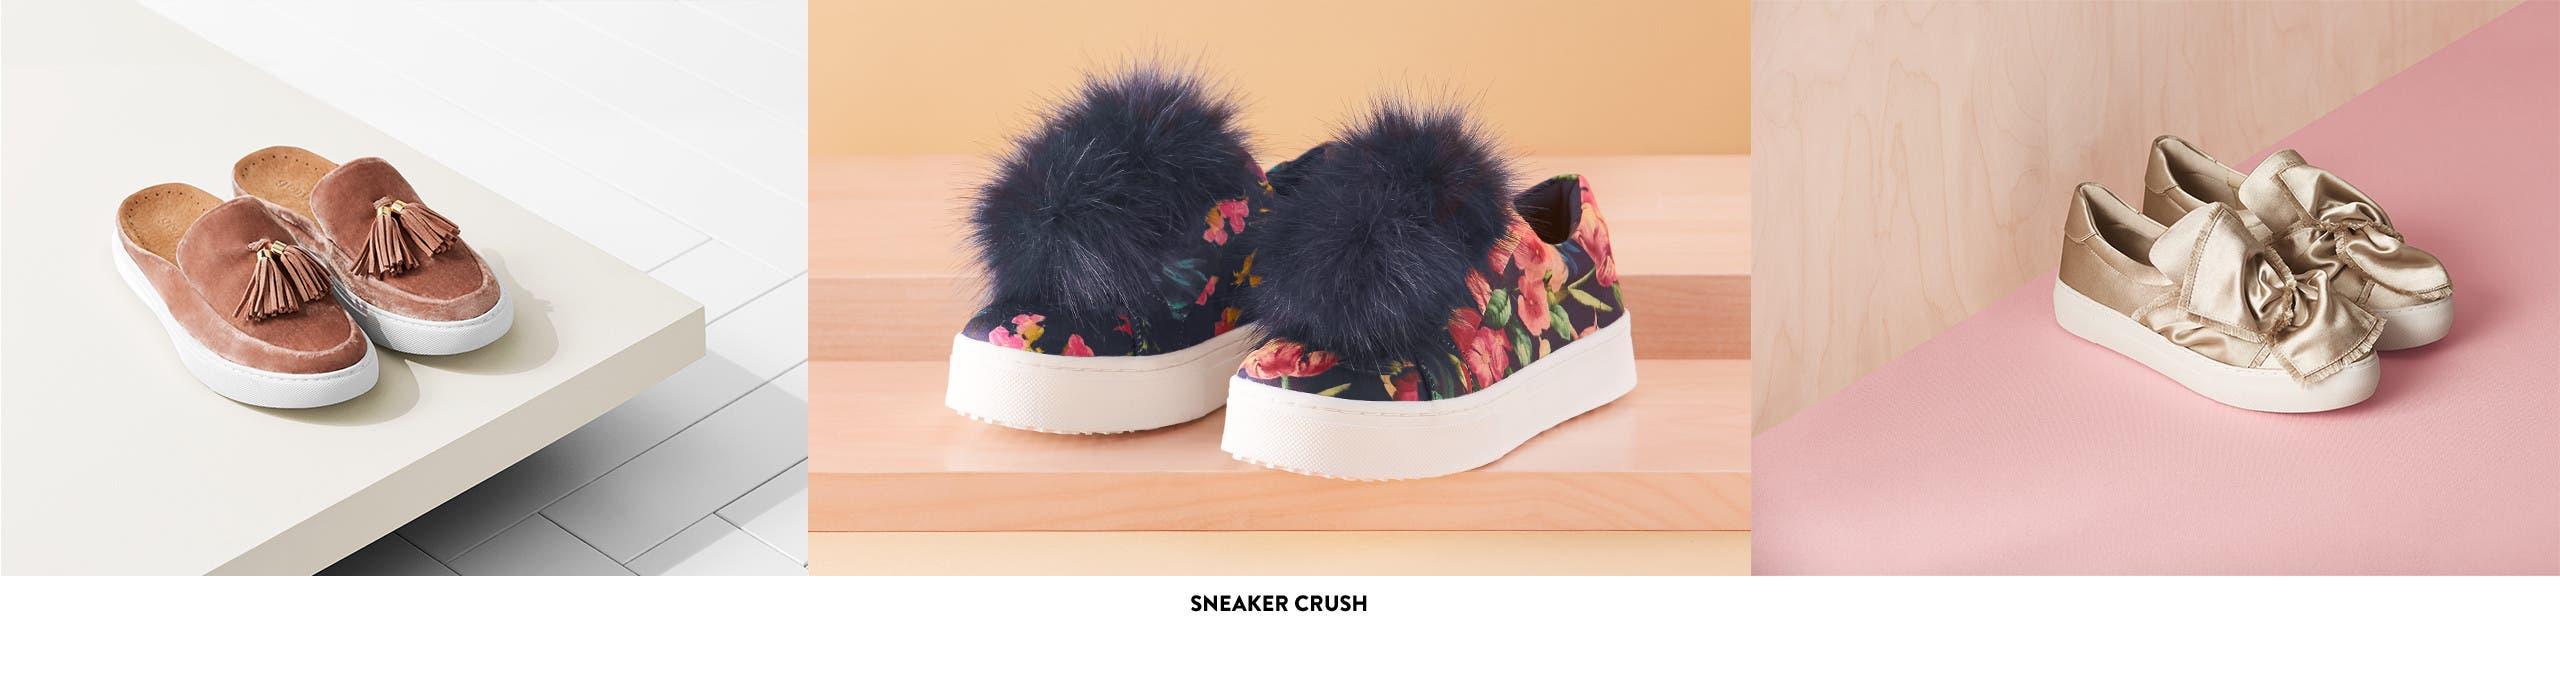 Sneaker crush.